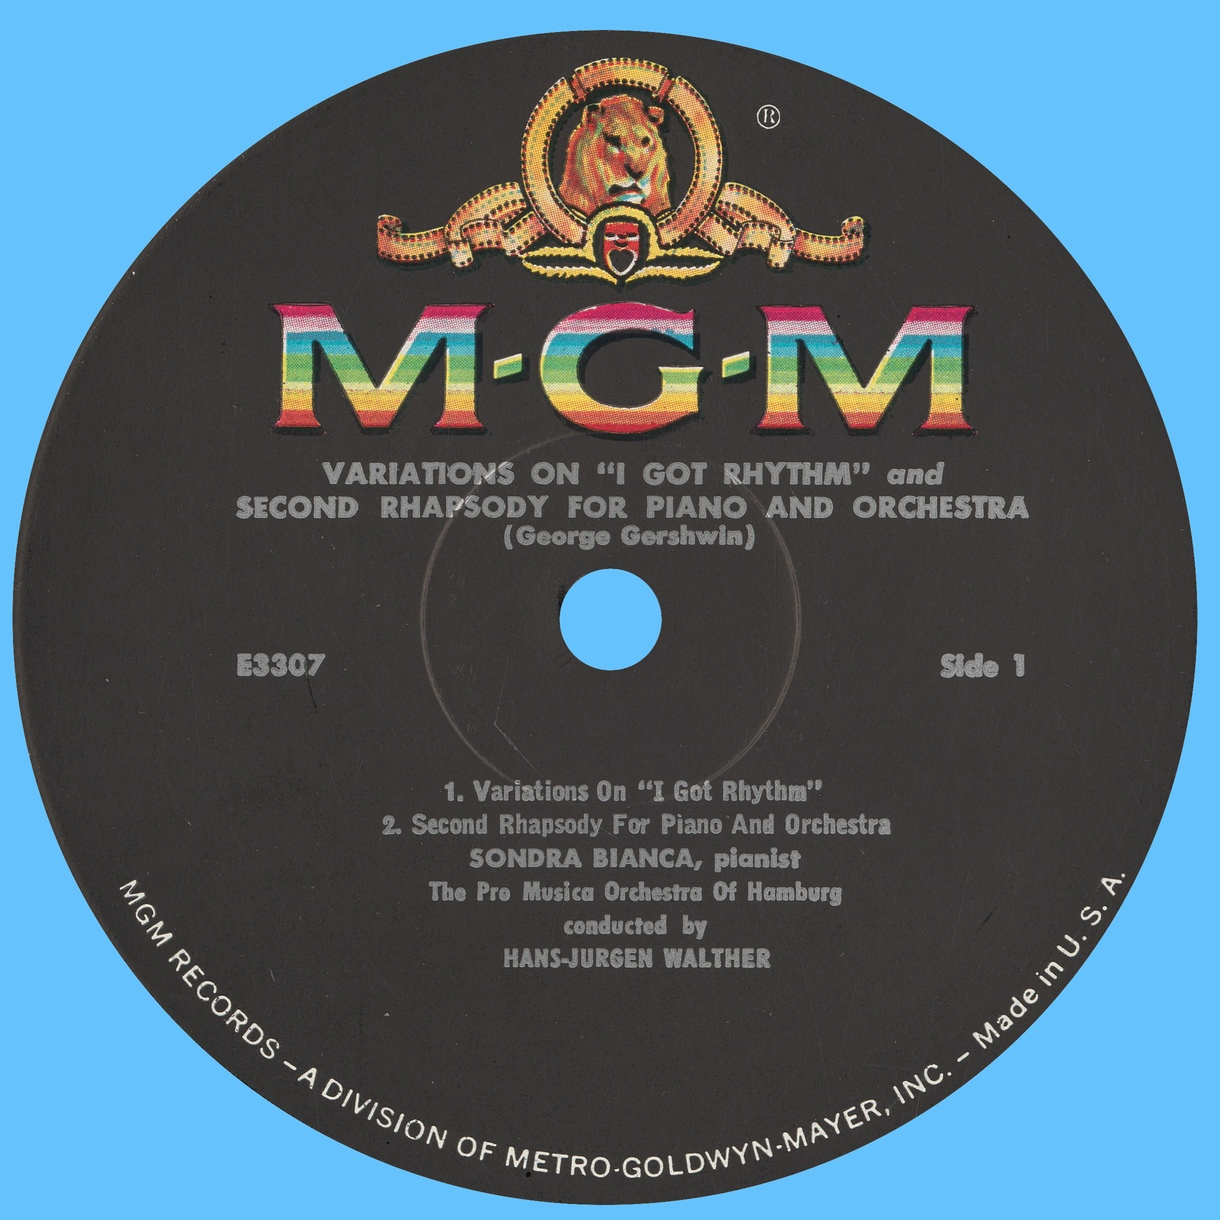 Étiquette recto du disque Metro Goldwyn Mayer MGM 3307